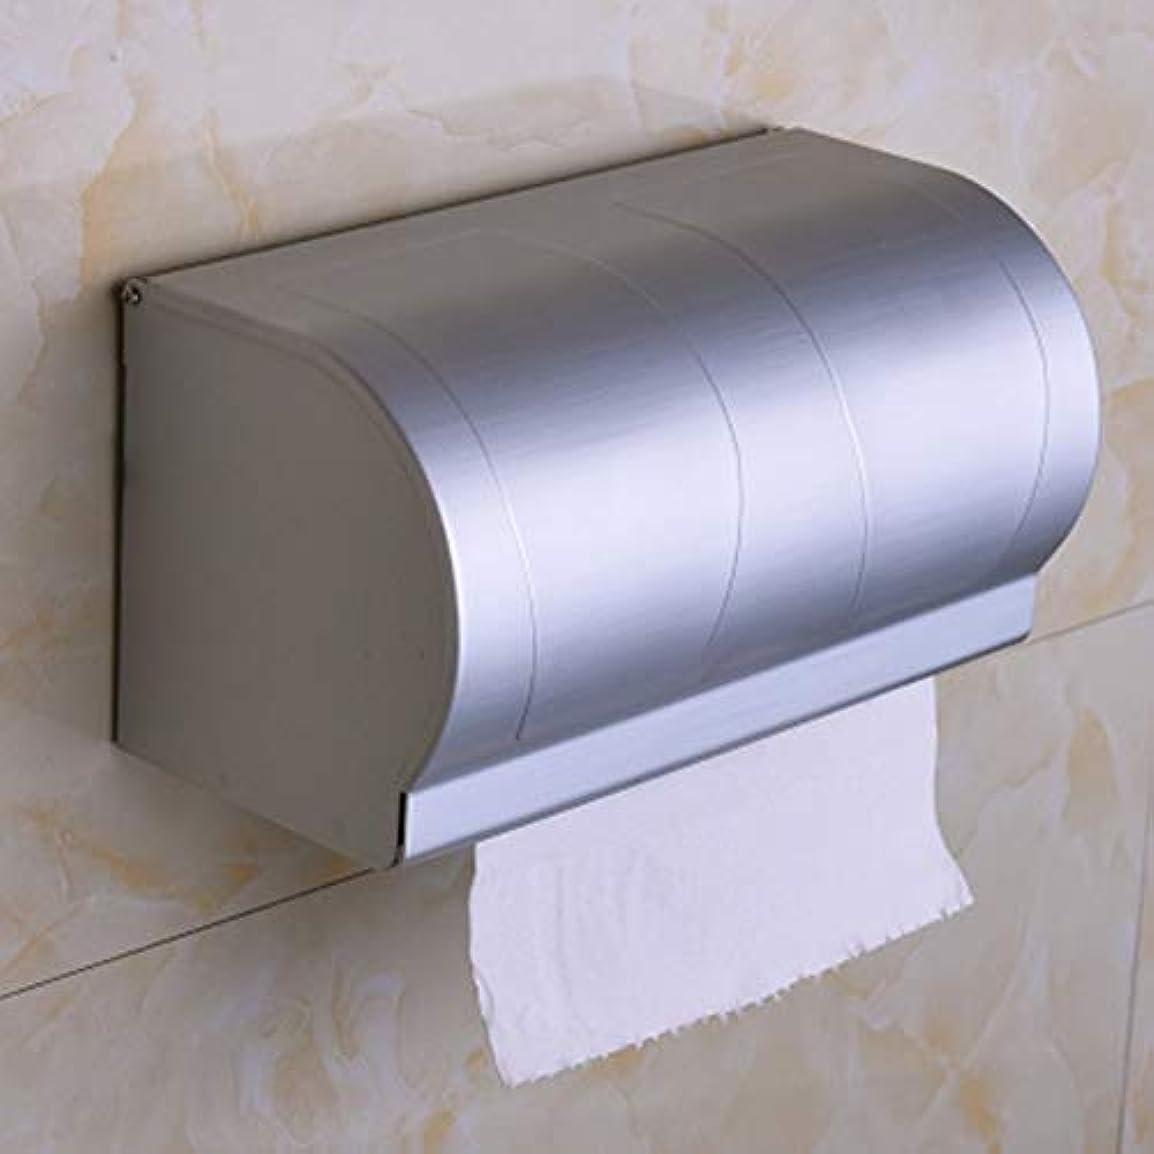 ZZLX 紙タオルホルダー、宇宙アルミのバスルームペーパータオルホルダー閉鎖トイレットペーパーホルダー ロングハンドル風呂ブラシ (色 : C)